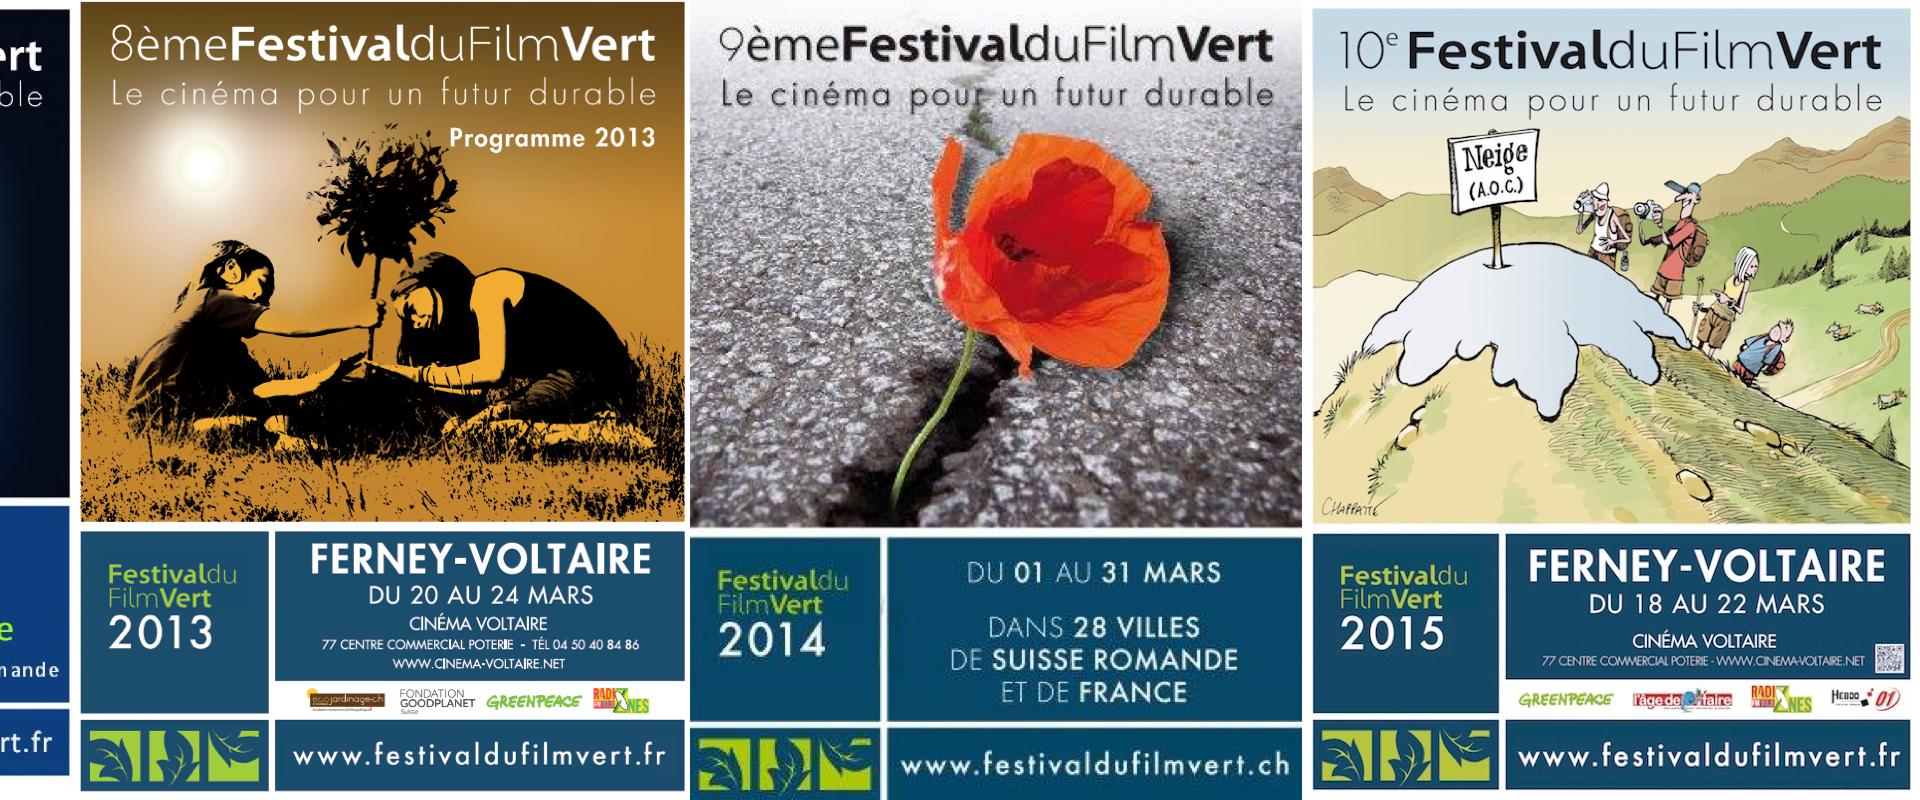 Festival du Film Vert in Ferney-Voltaire